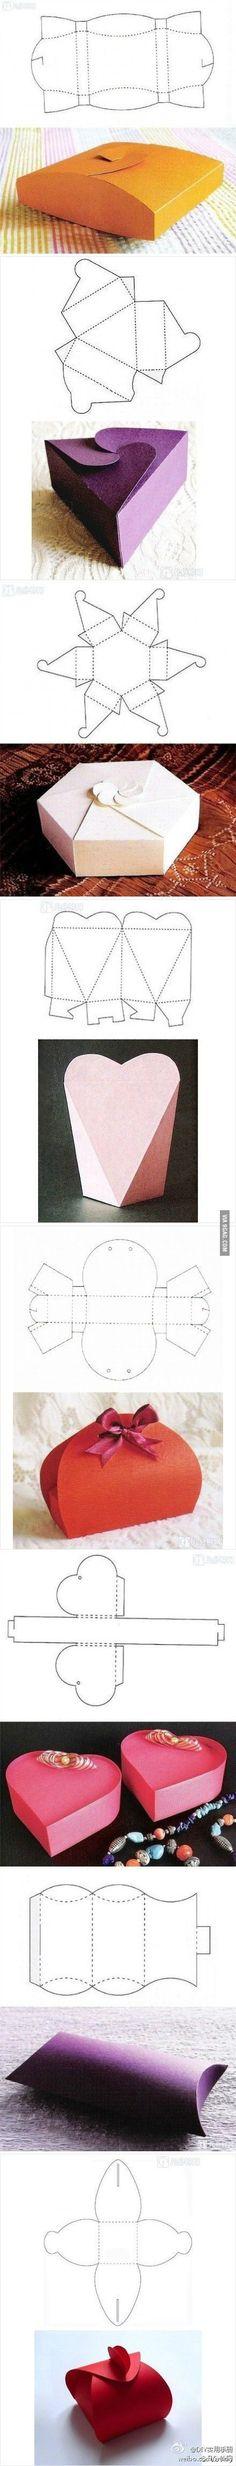 boxes diy                                                       …                                                                                                                                                                                 Más